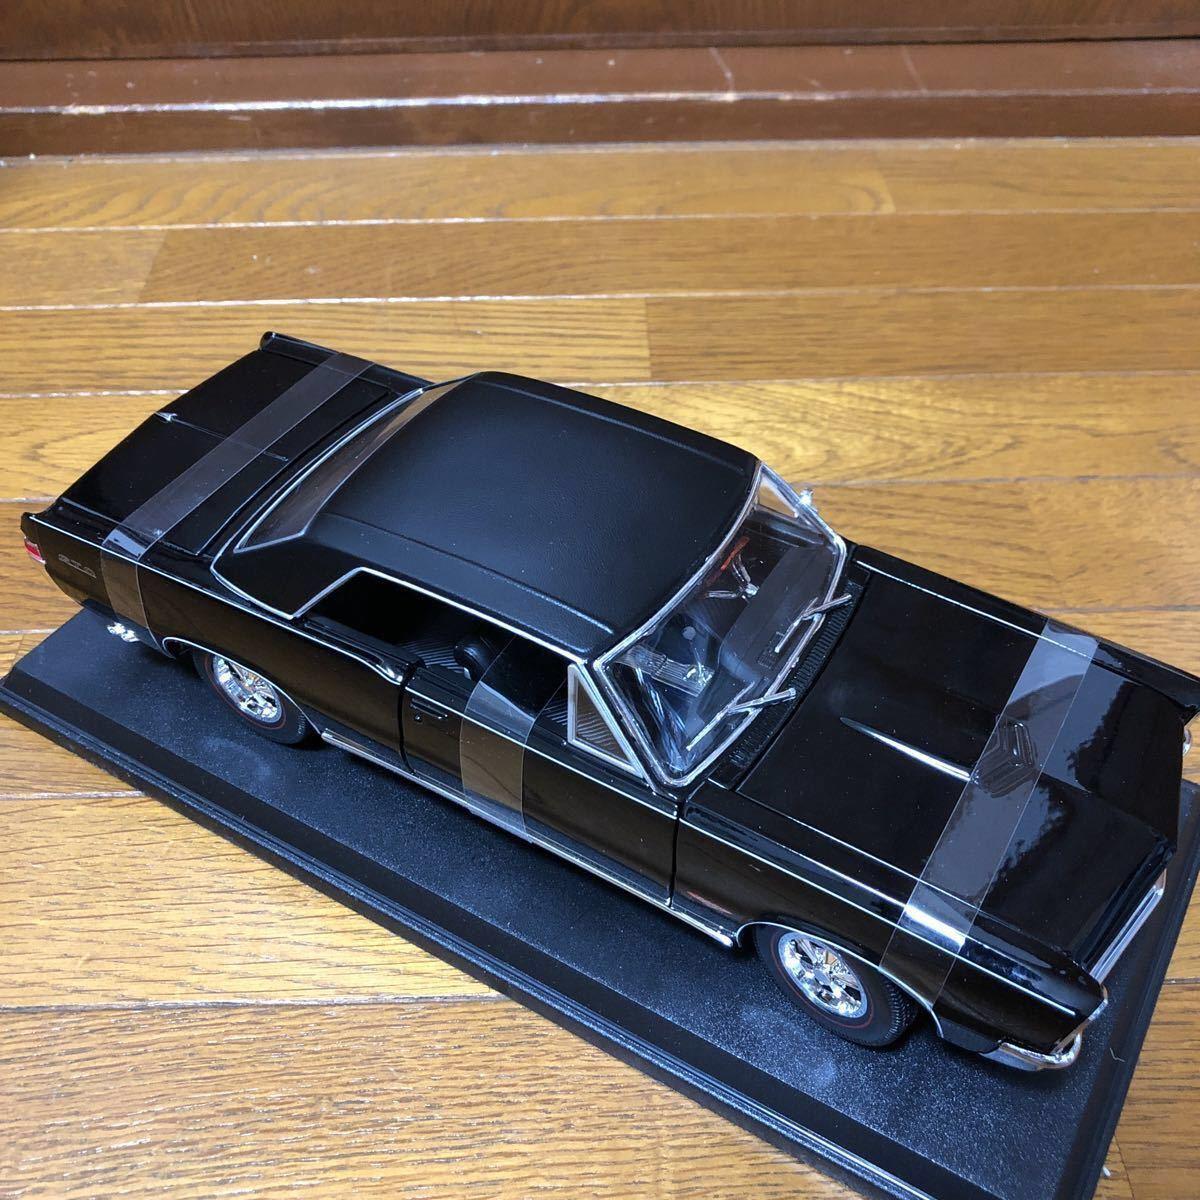 【1円~★新品★即決可】Maisto 1/18 1965 Pontiac GTO ferrari BMW lamborghini dodge Datsun NISSAN マイスト ミニカー beetle benz SL_画像7